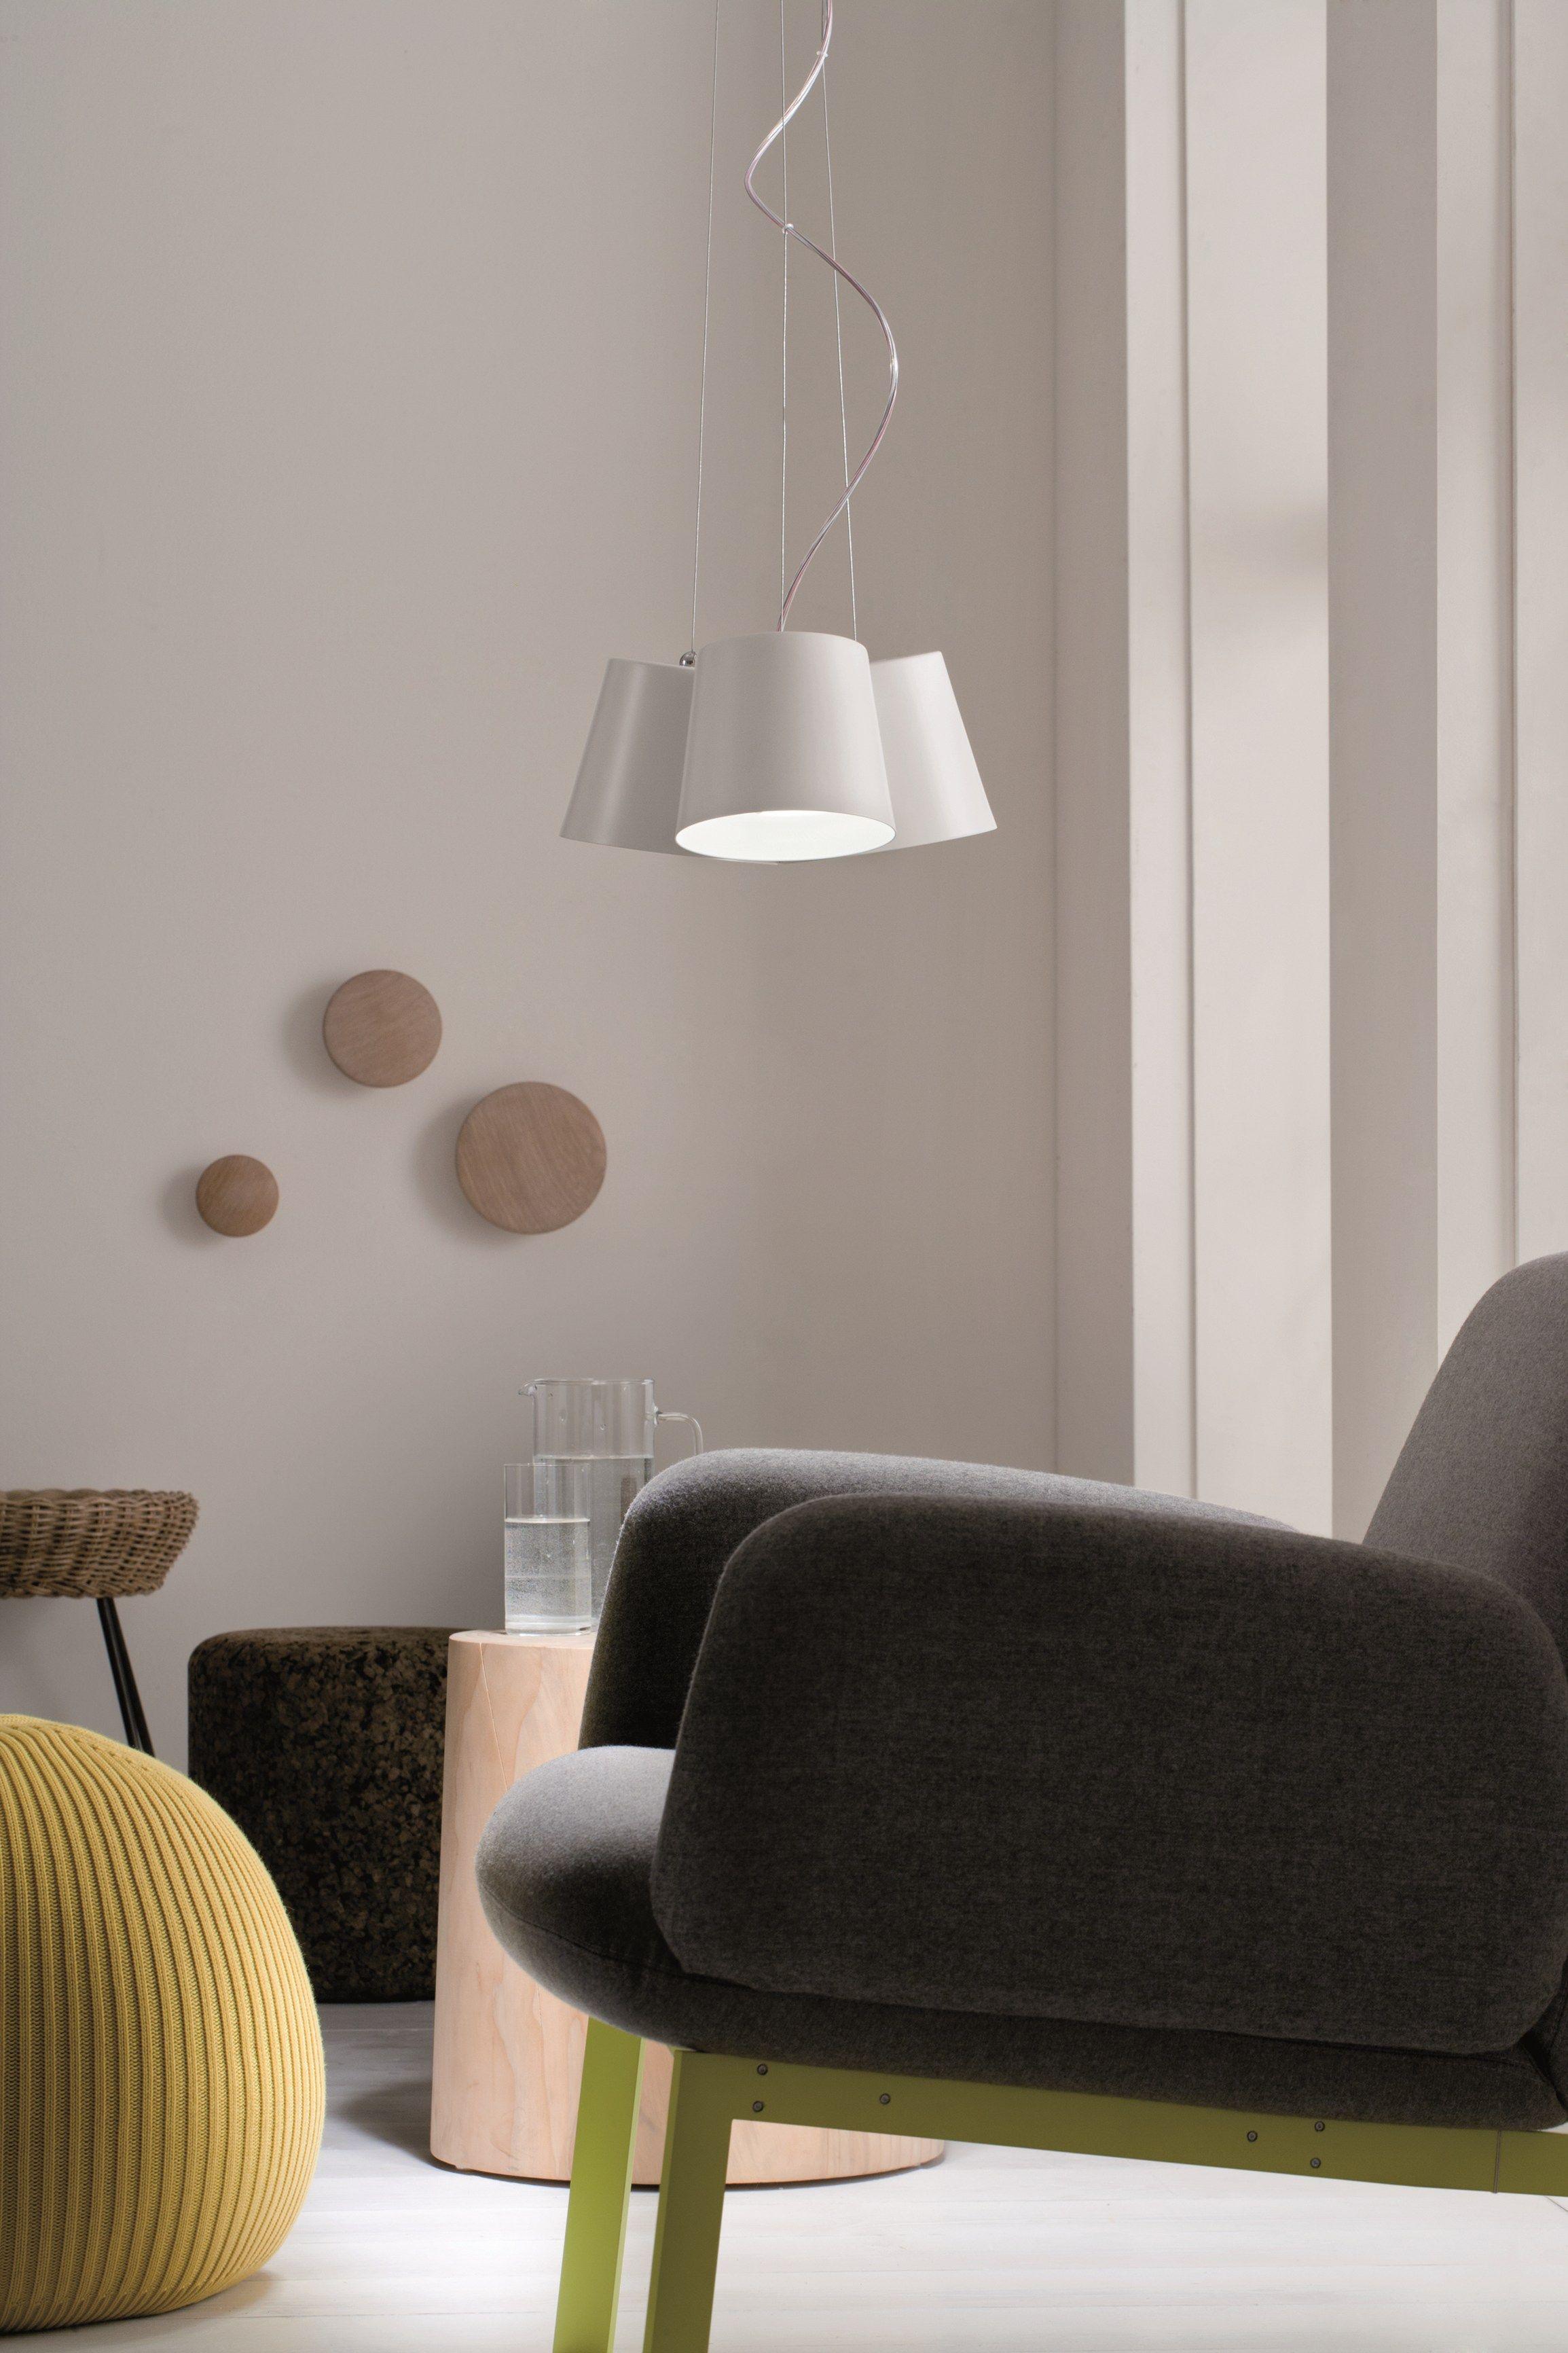 Forum illuminazione camera da letto e - Lampadario camera da letto ikea ...